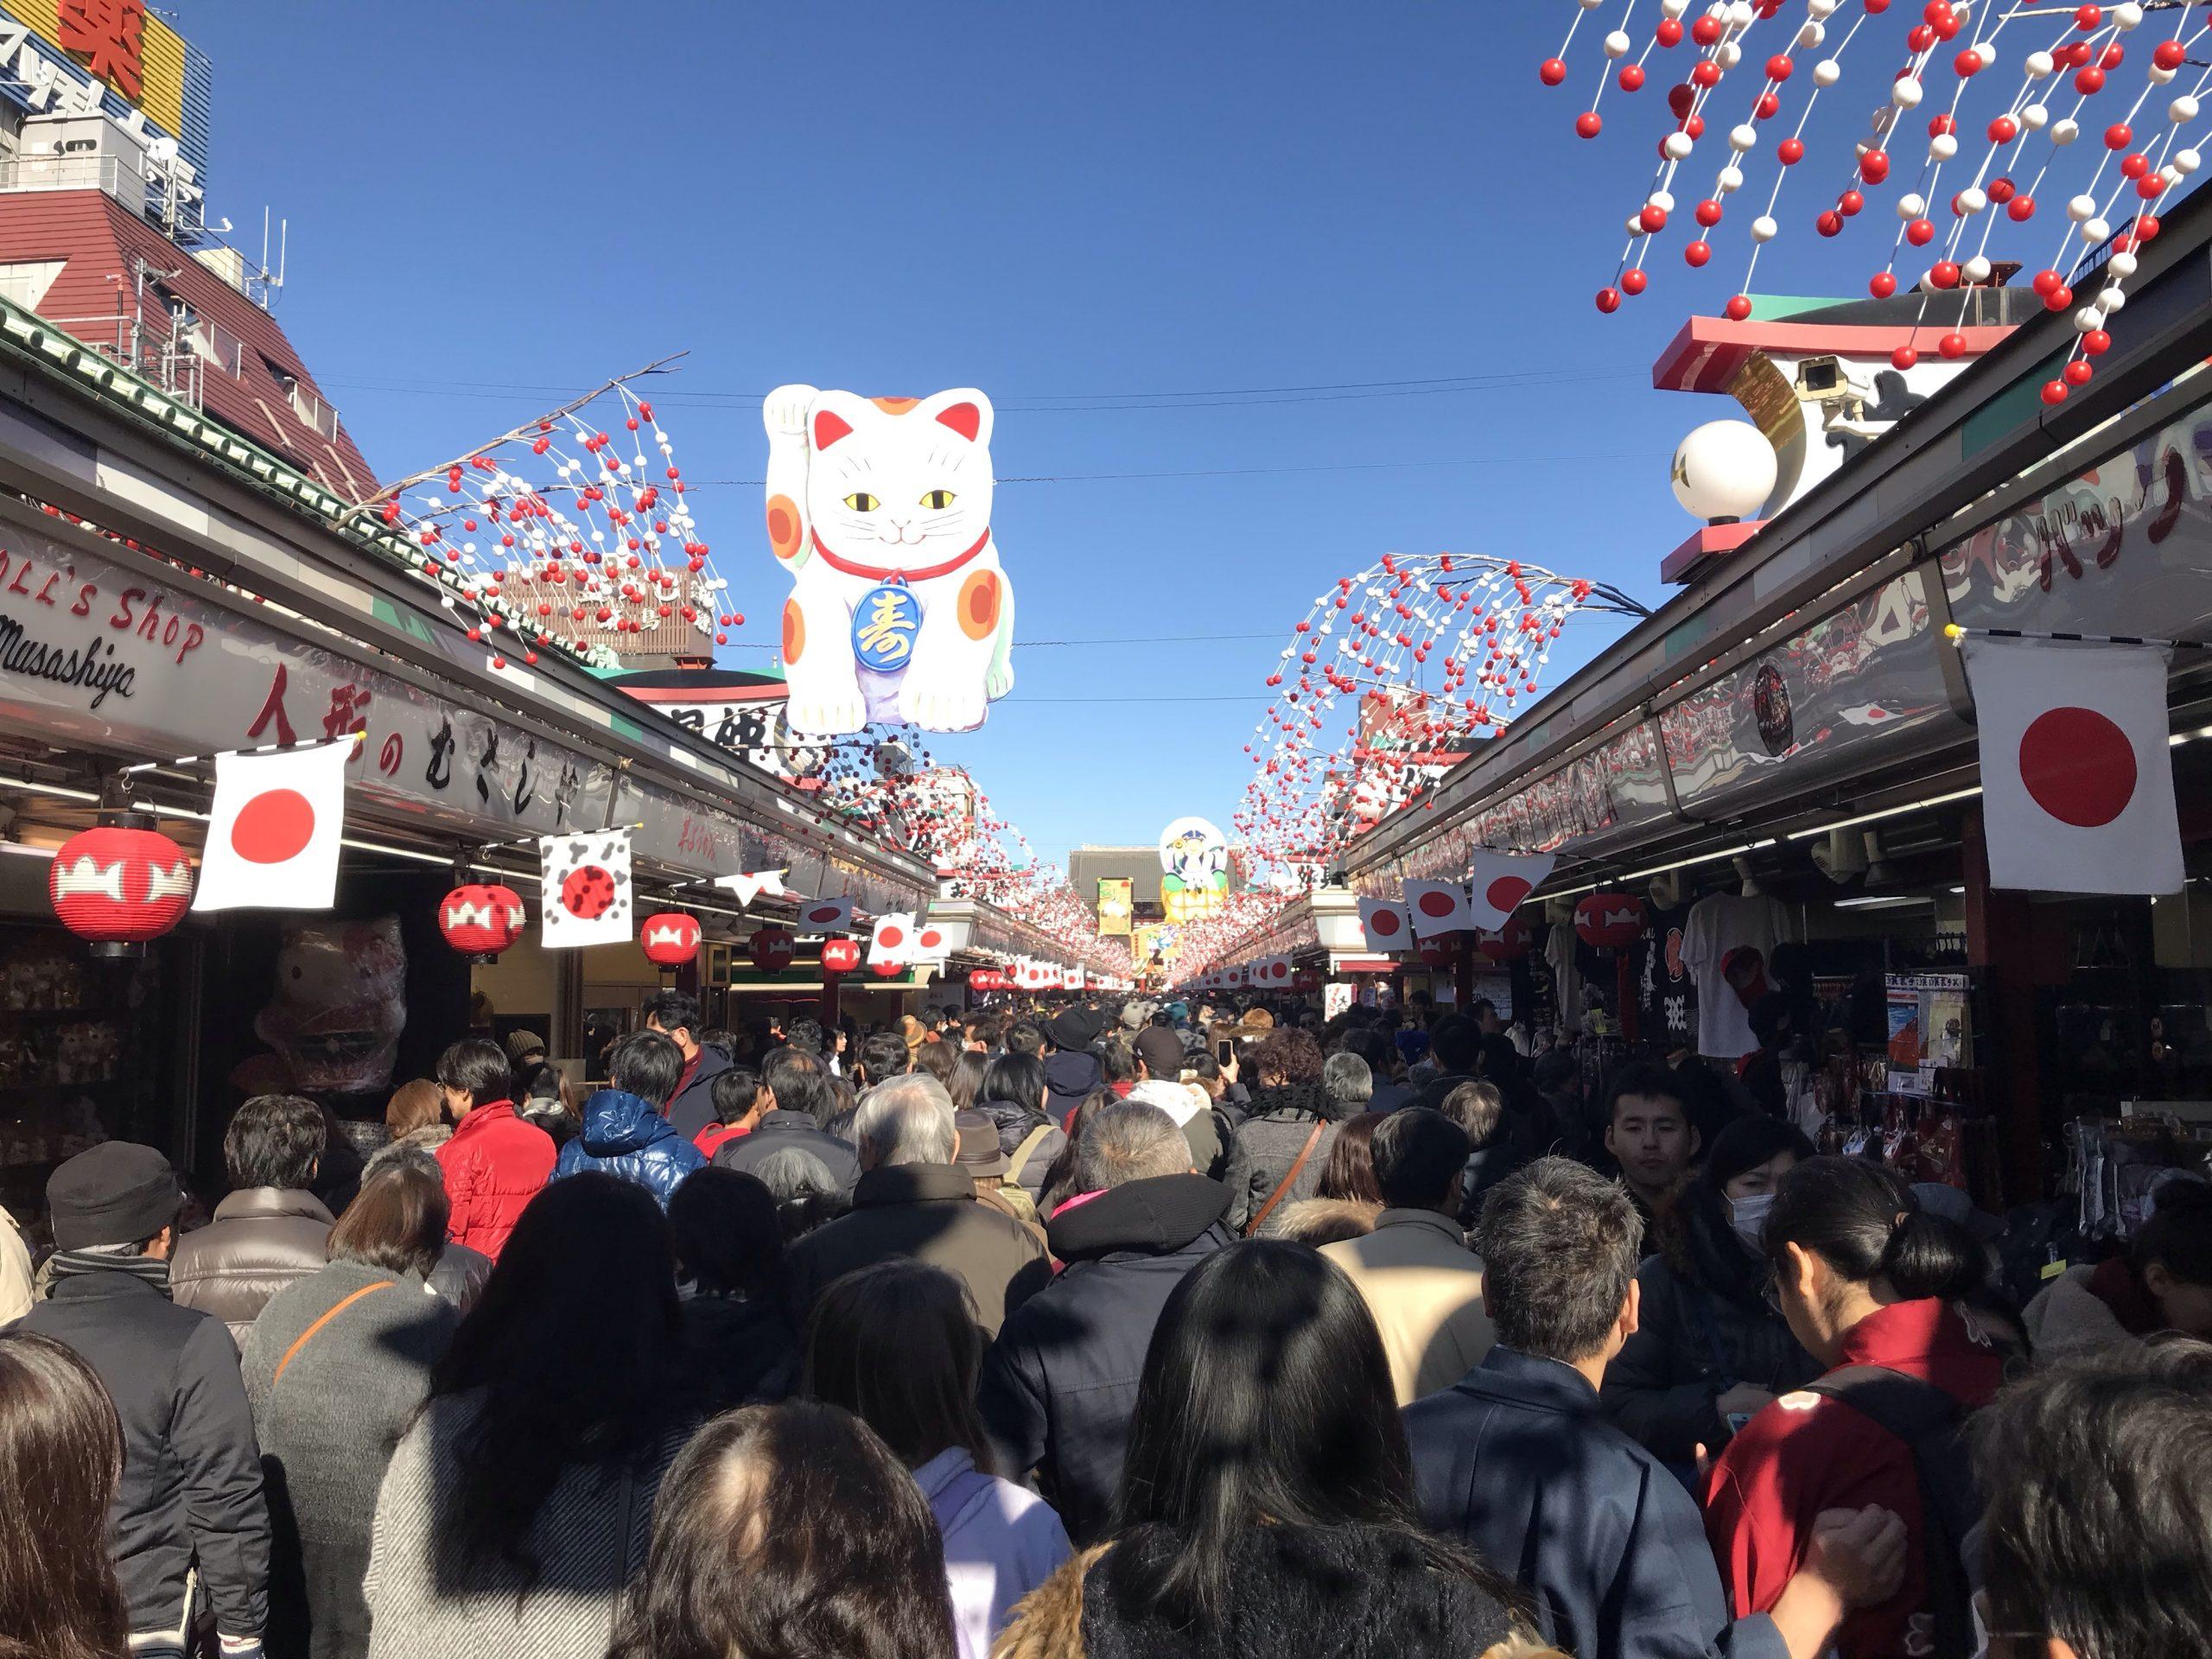 「東京の浅草から災害に強い・弱いエリアと危機管理の方法を紹介」のアイキャッチ画像